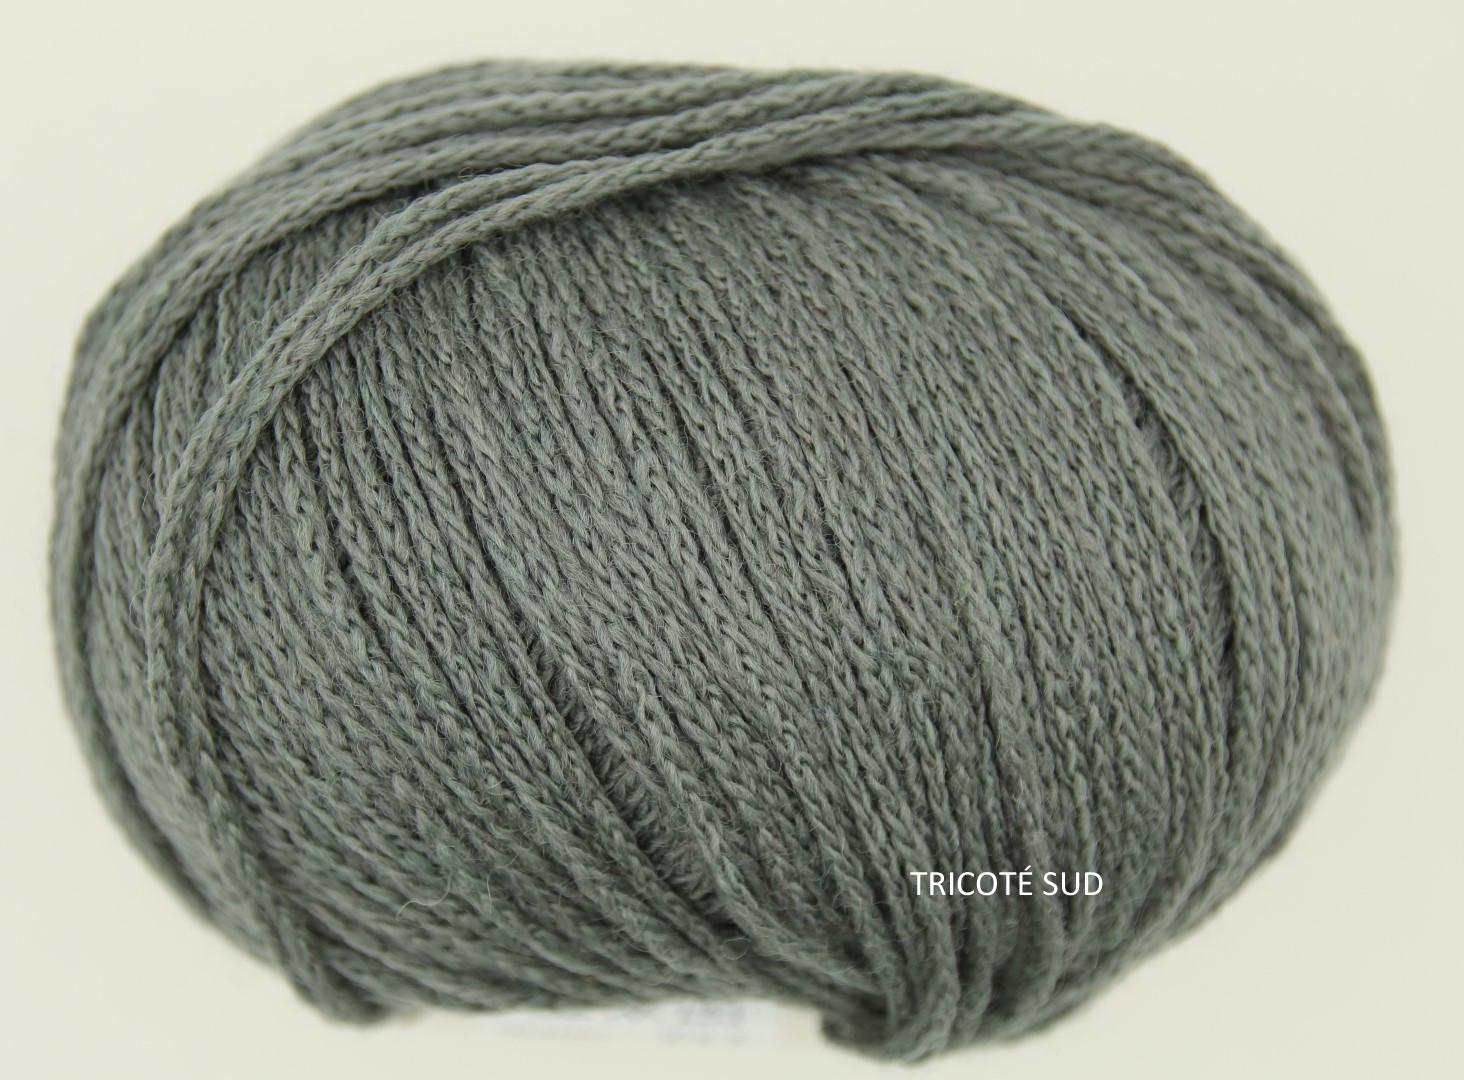 SEMILLA CABLE GOTS BC GARN COLORIS 24 (Large)